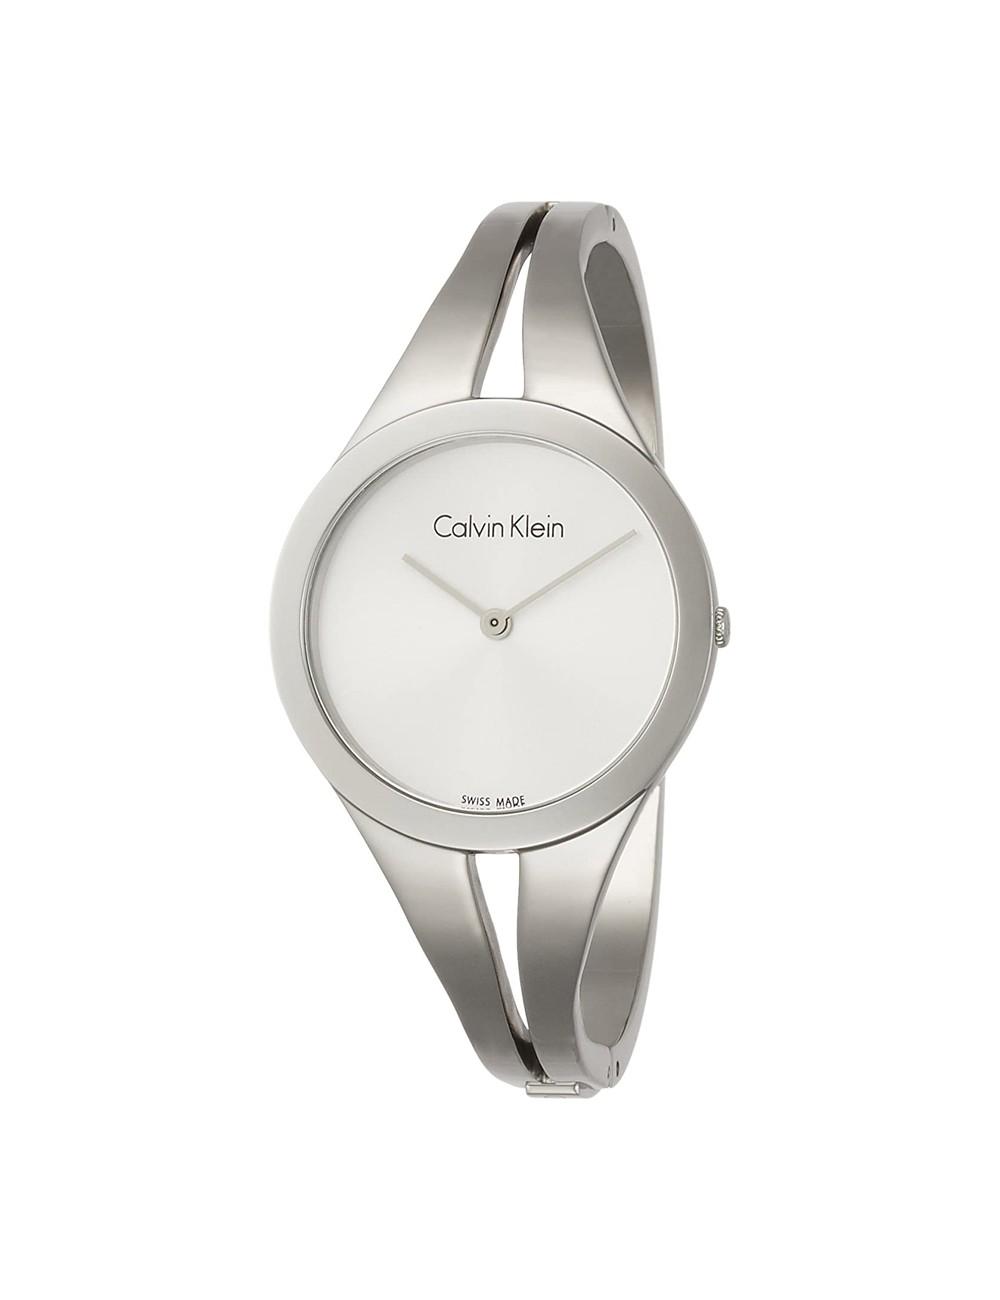 Calvin Klein Addict K7W2M116 Ladies Watch